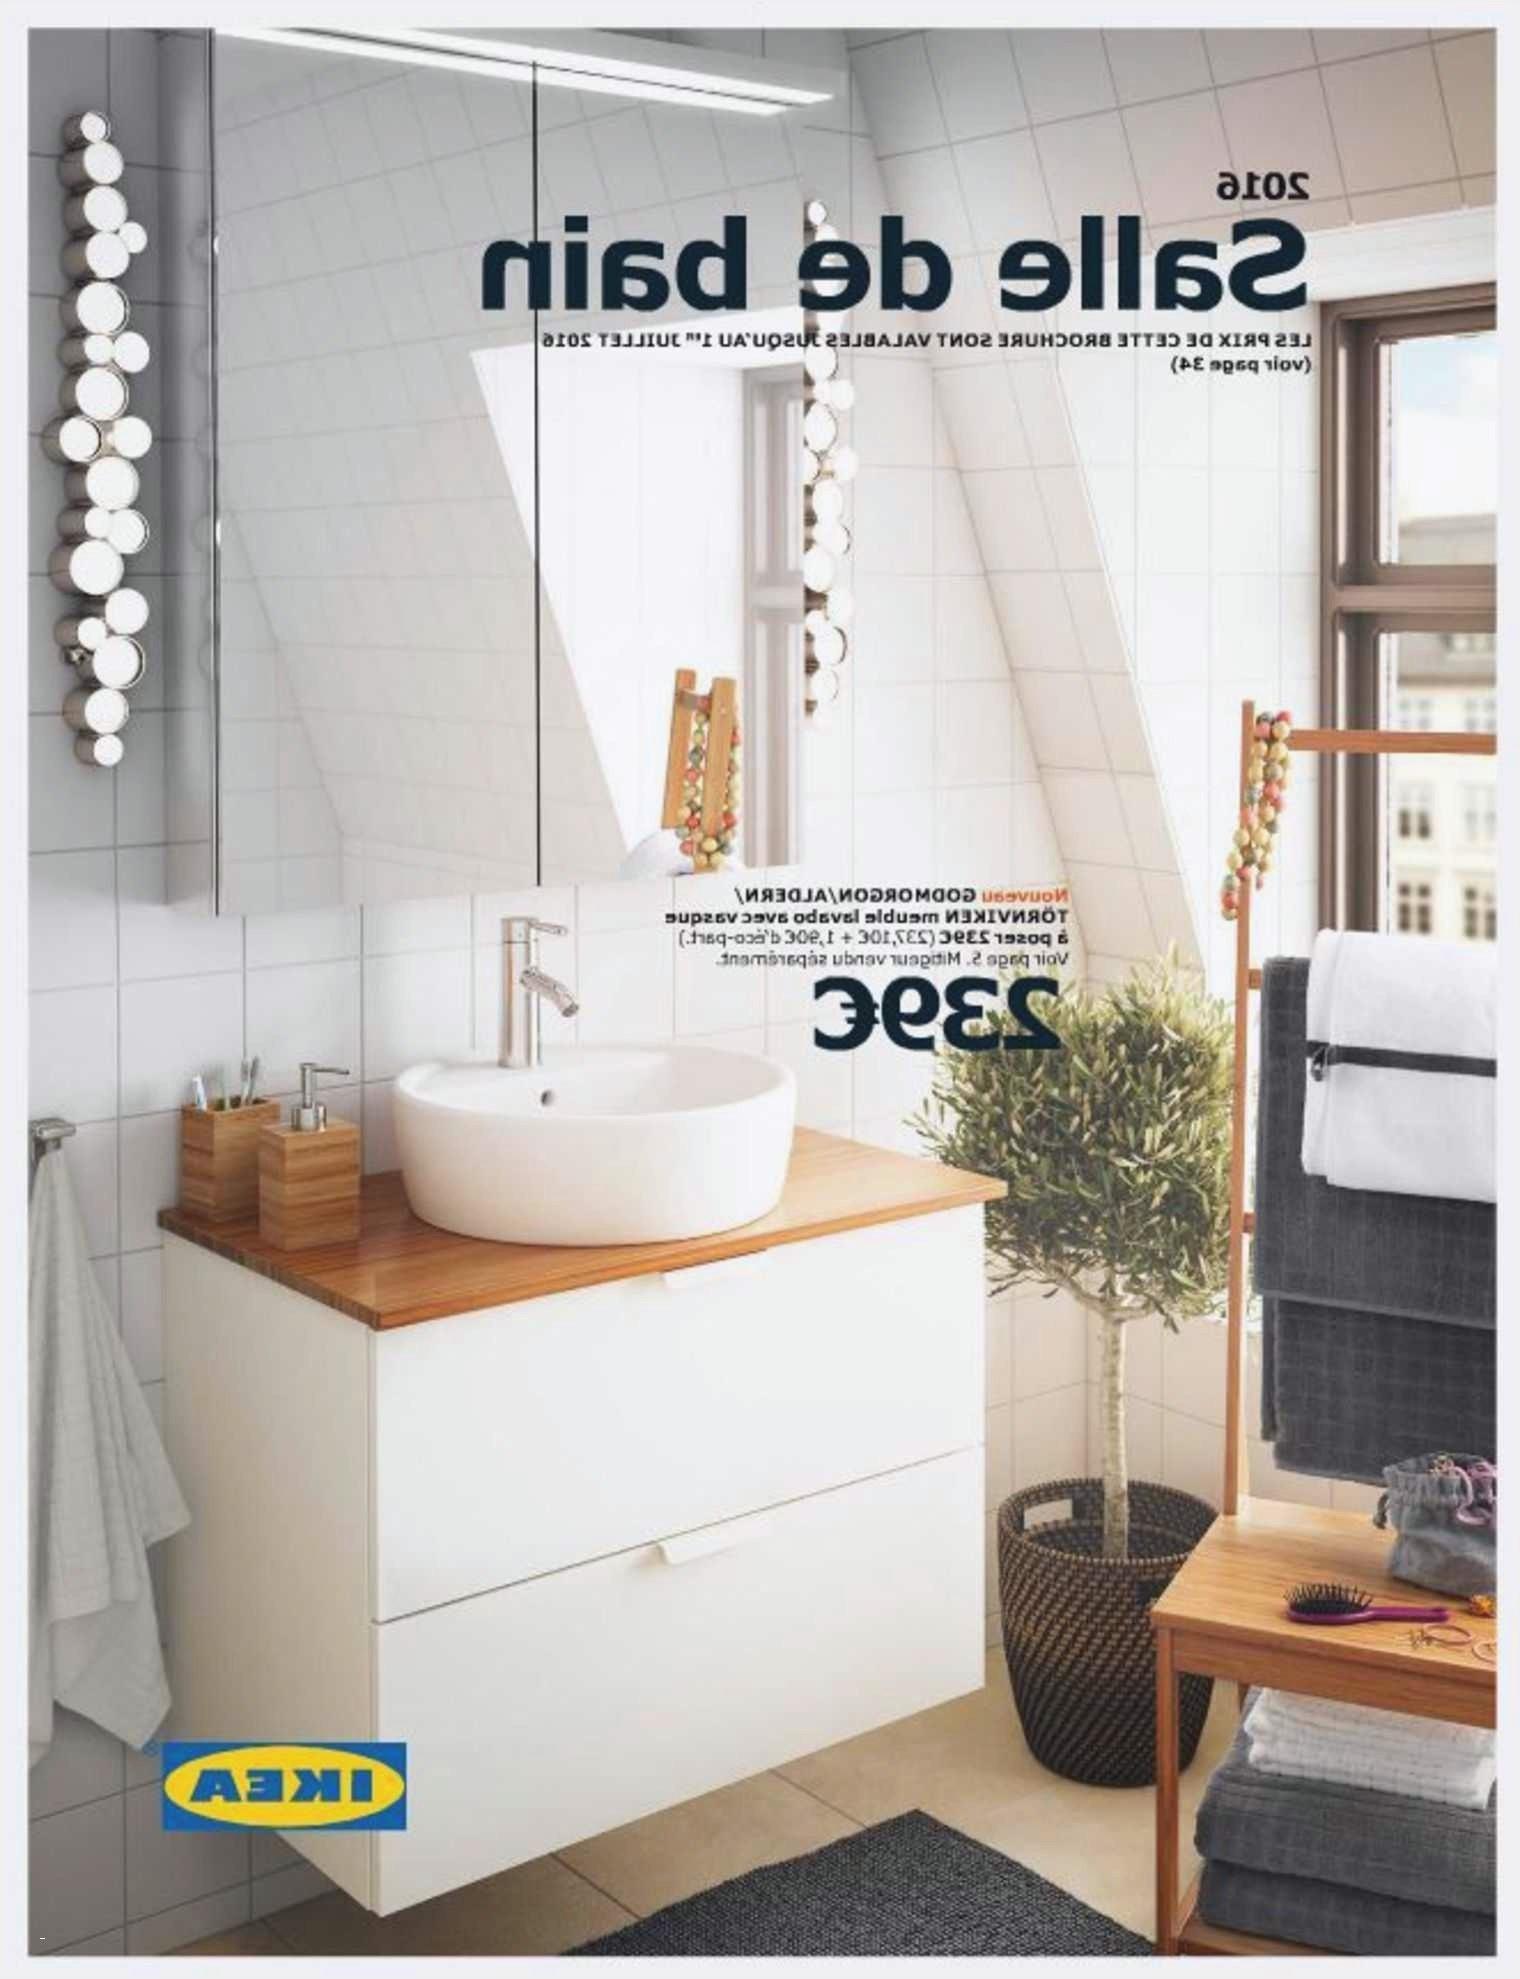 Applique Salle De Bain Ikea Inspirant Images Miroir Salle De Bain Eclairage Génial Plafonnier Salle De Bain Ikea